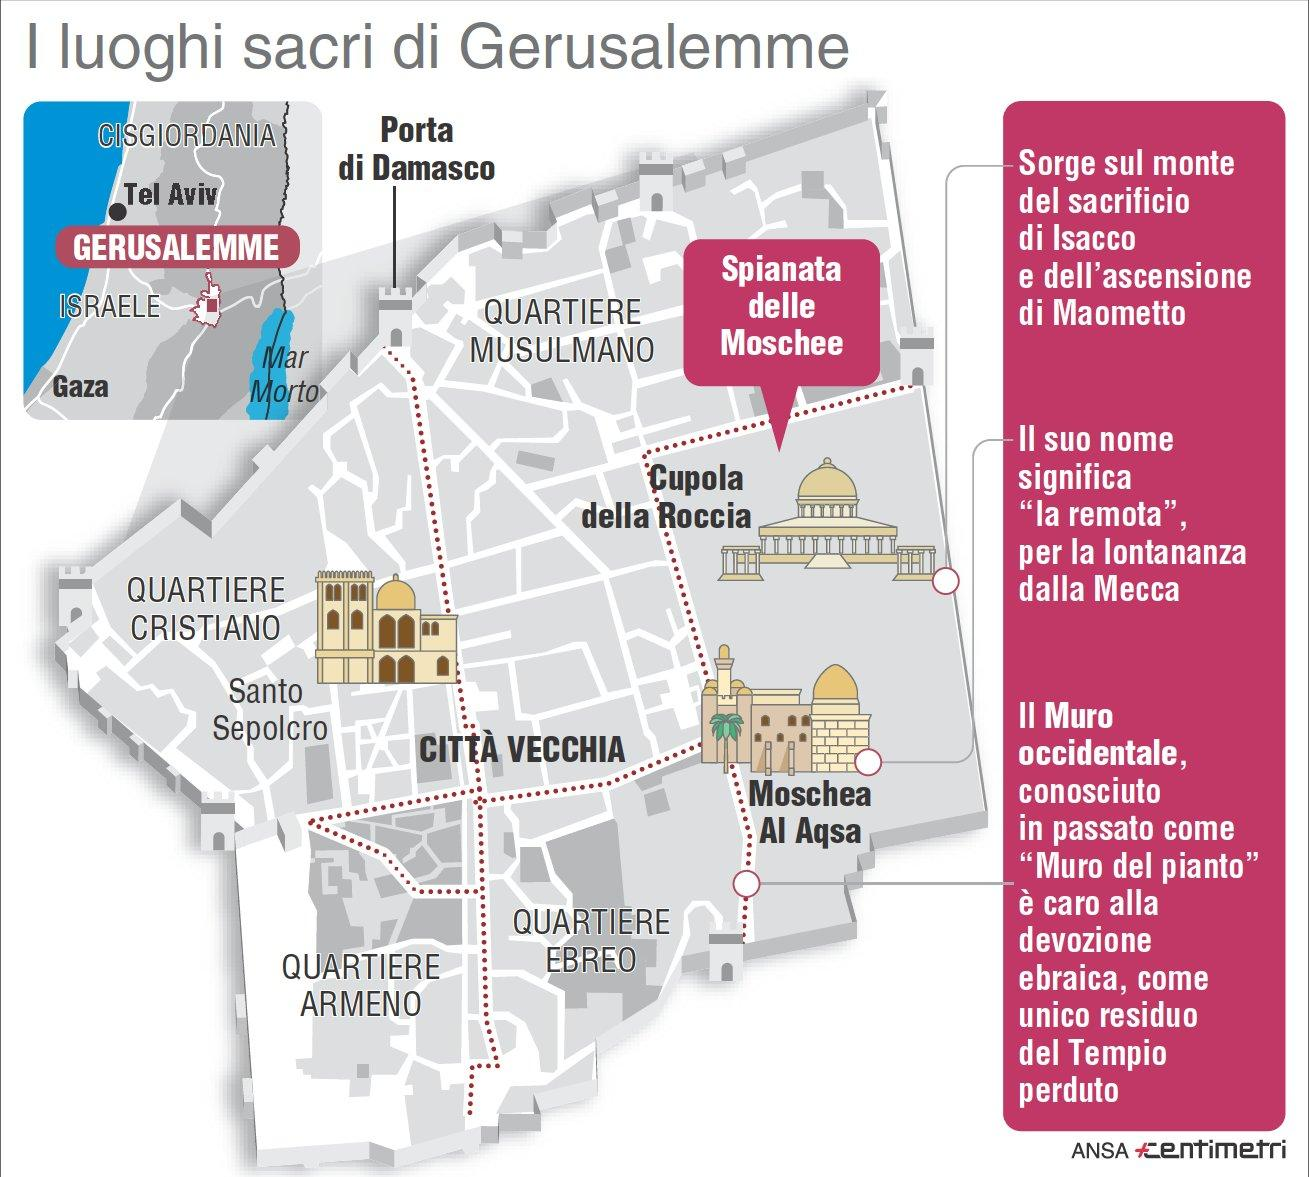 Gerusalemme, la mappa dei luoghi sacri della città